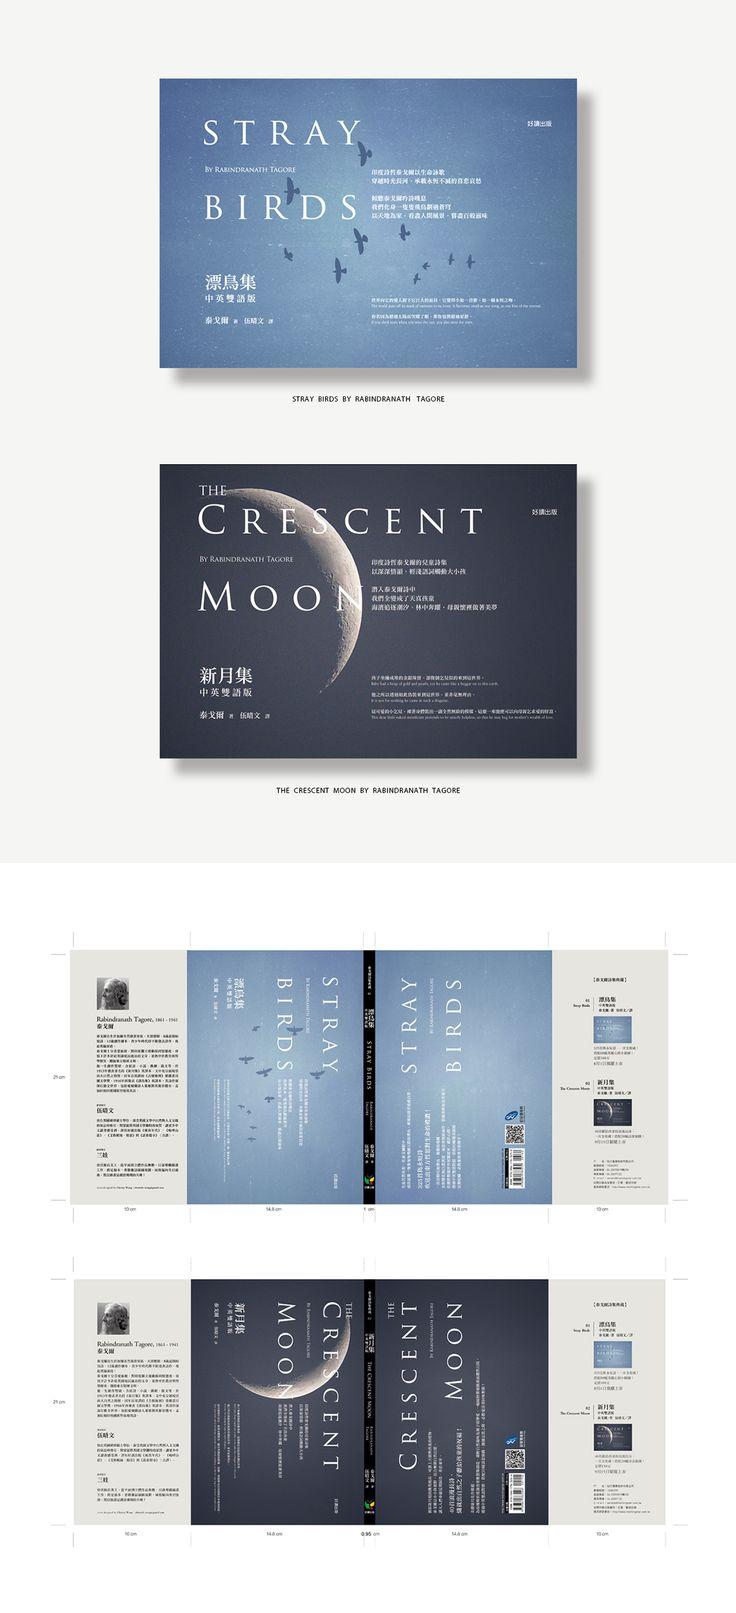 泰戈爾典藏詩集 - 漂鳥集 新月集 書籍封面設計 on Behance